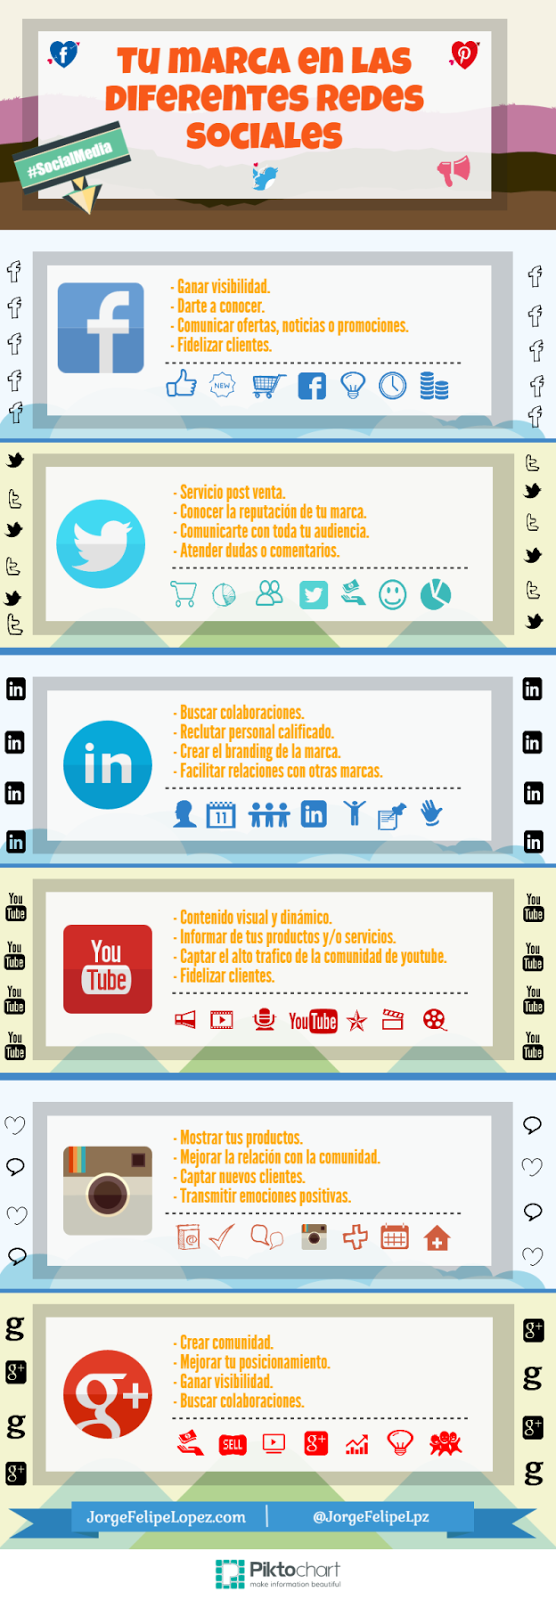 Tu-marca-en-las-diferentes-redes-sociales